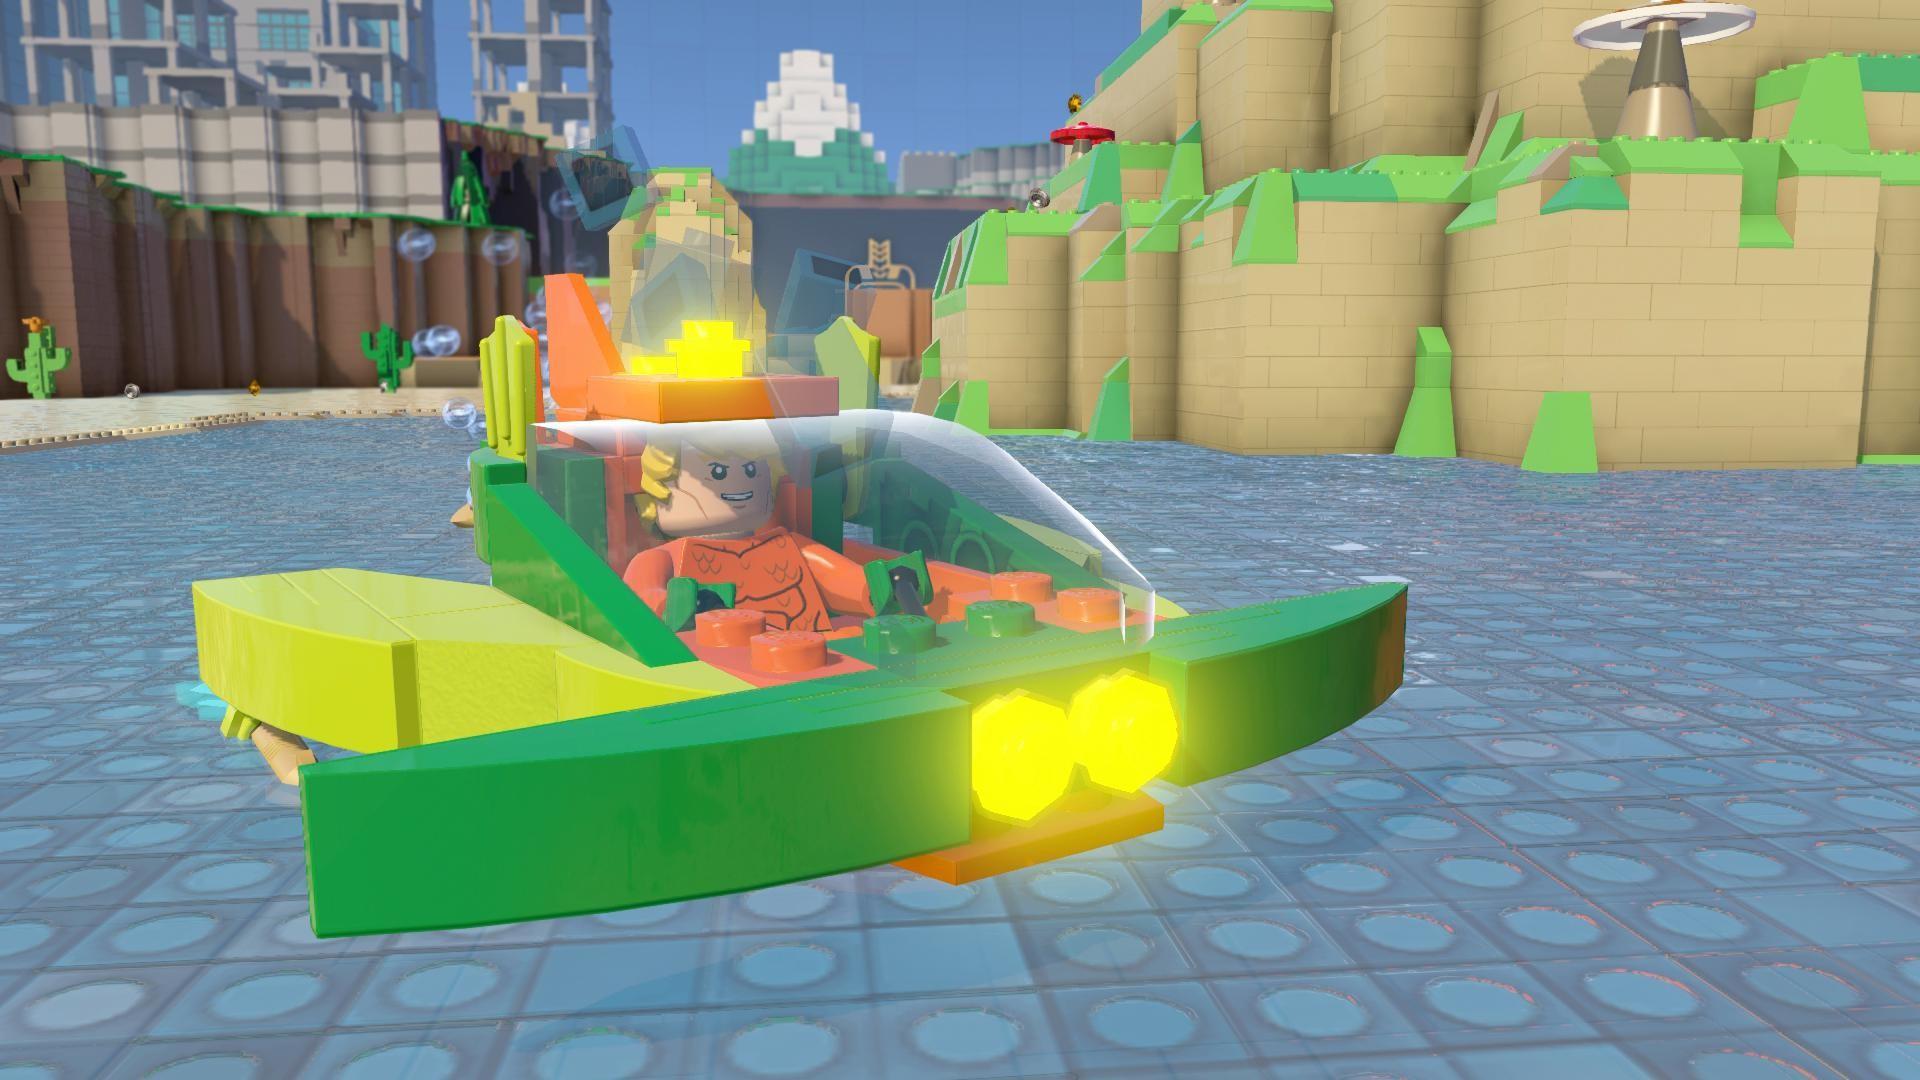 LEGO_Dimensions_Aquaman_10_bmp_jpgcopy